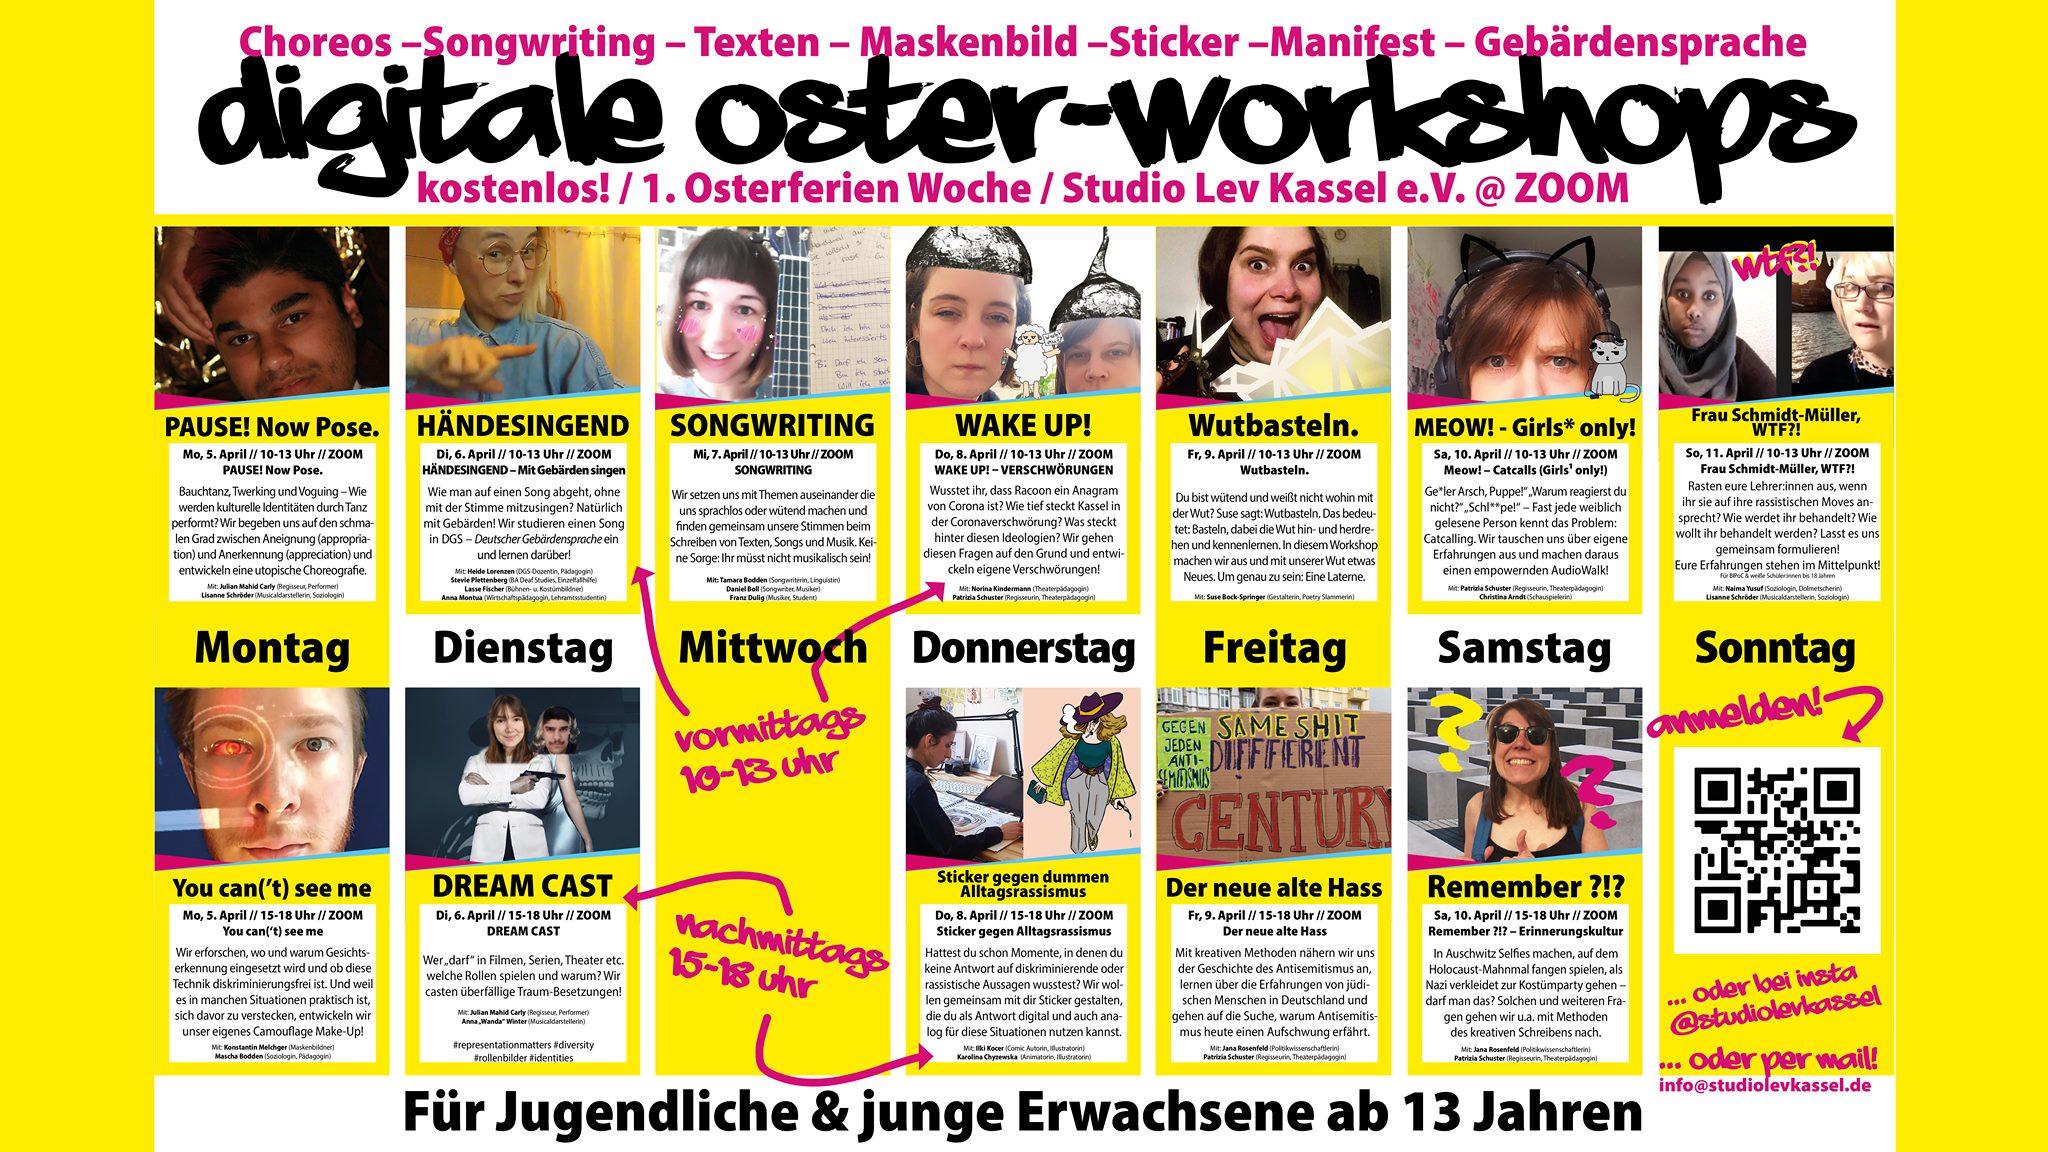 Osterworkshops für Jugendliche - kostenlos und digital